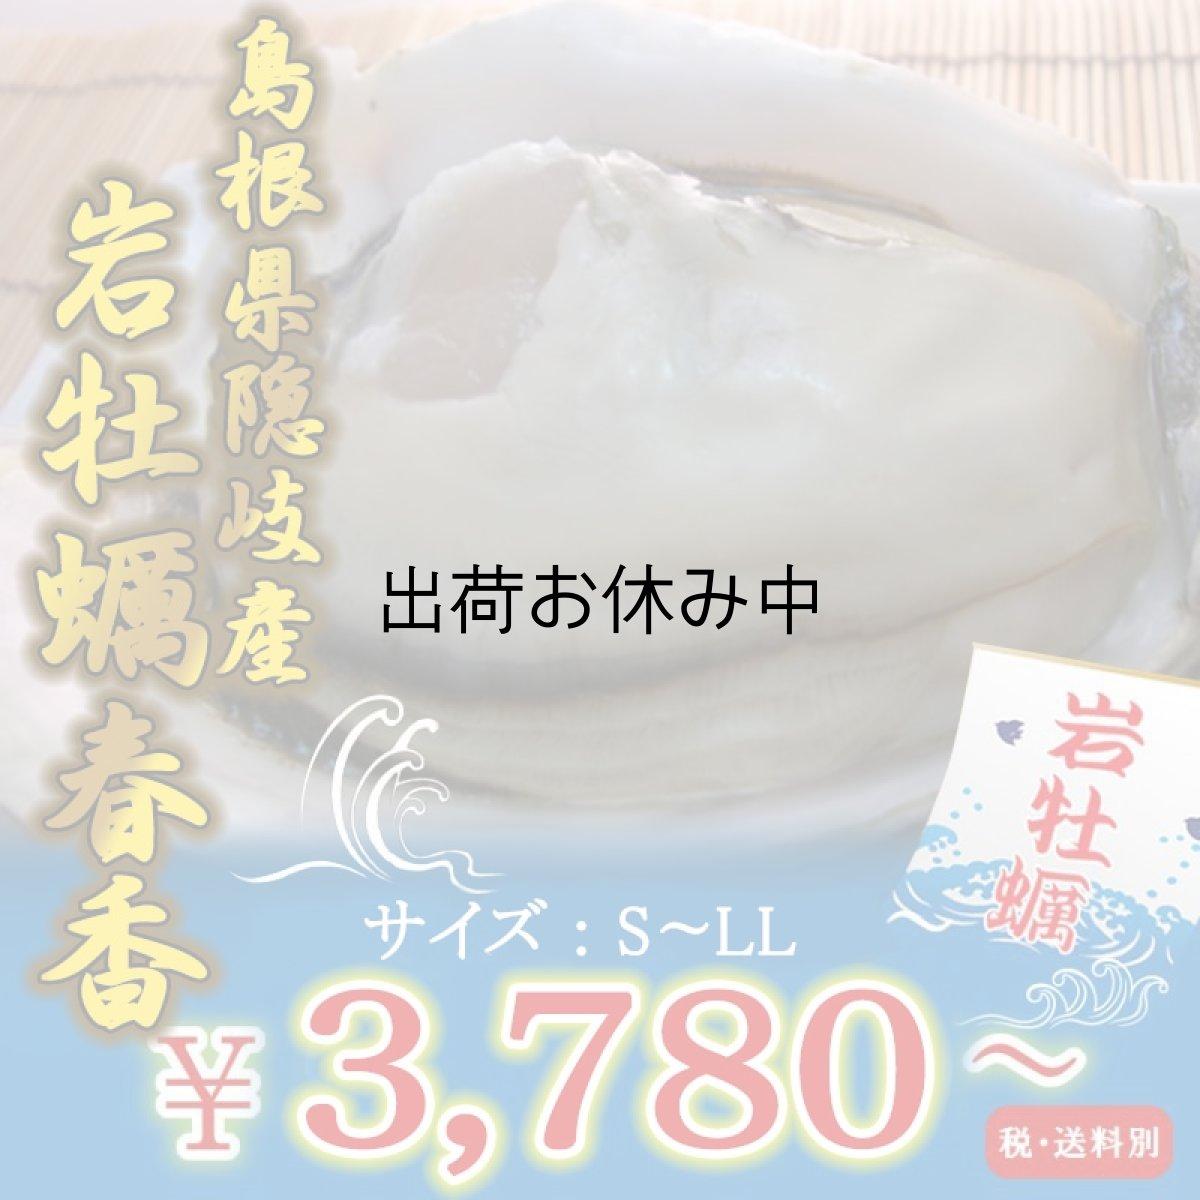 画像1: 島根隠岐産 岩牡蠣 春香 (3〜5月限定出荷) (1)